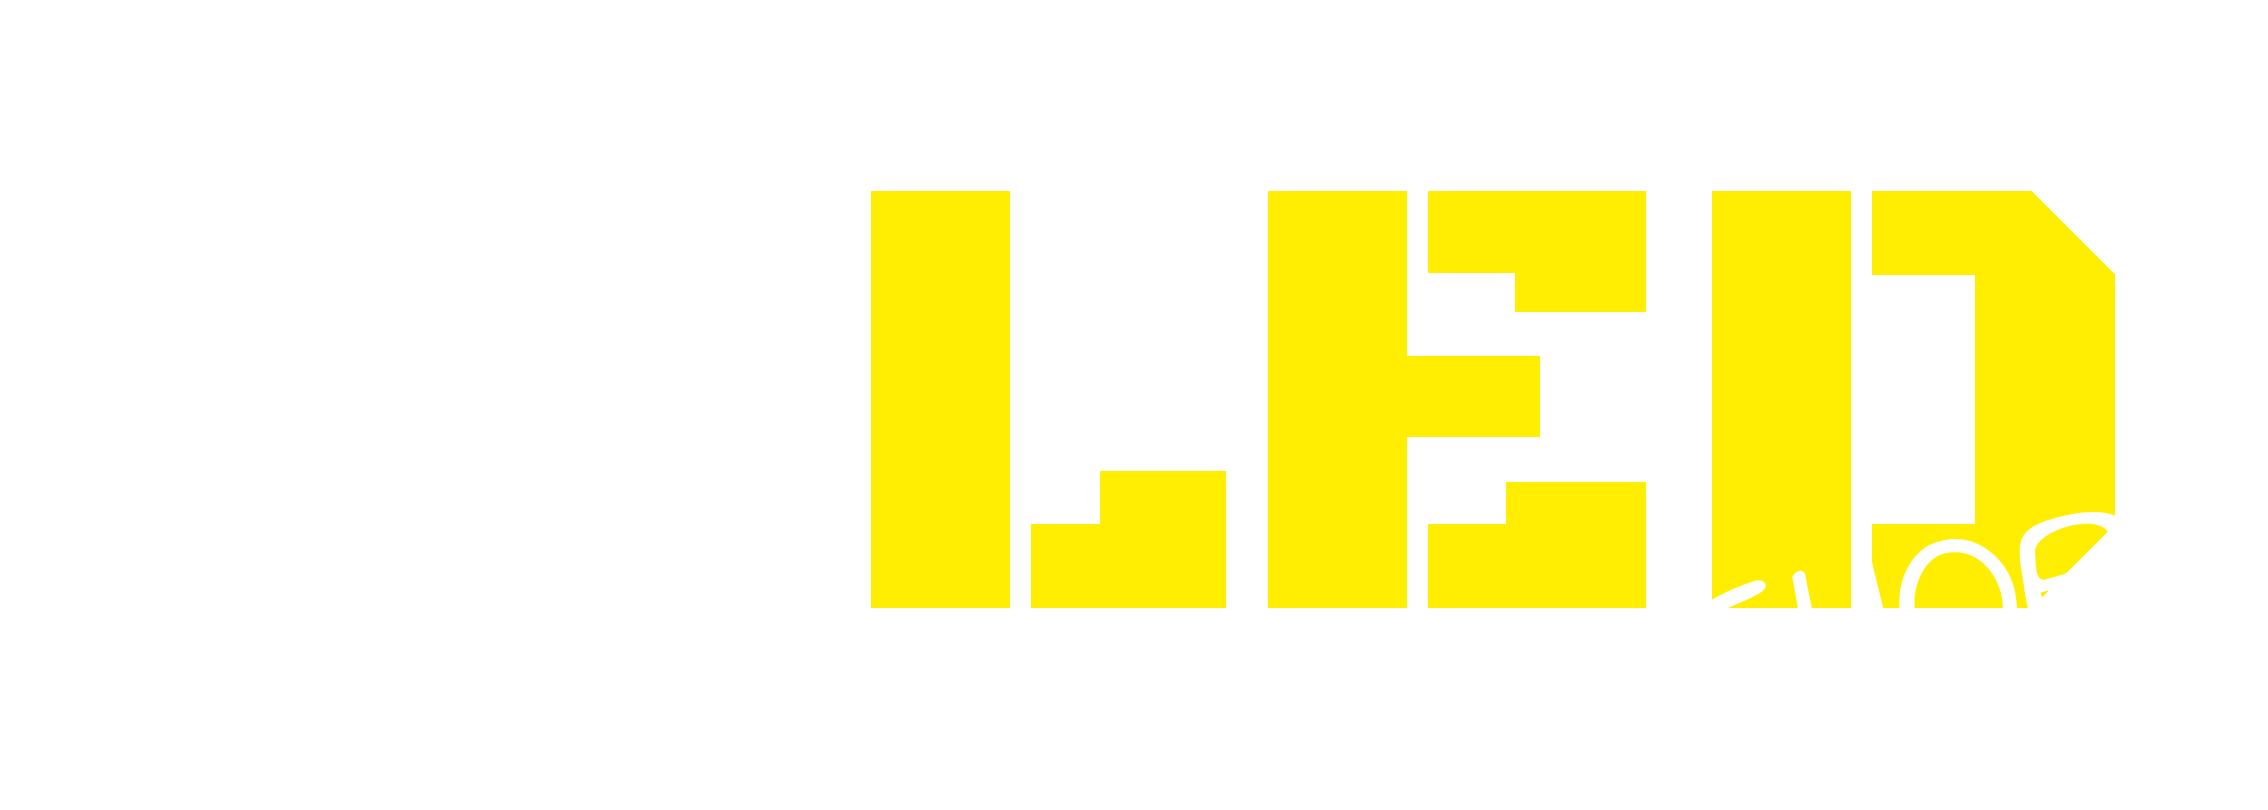 EY Led shop